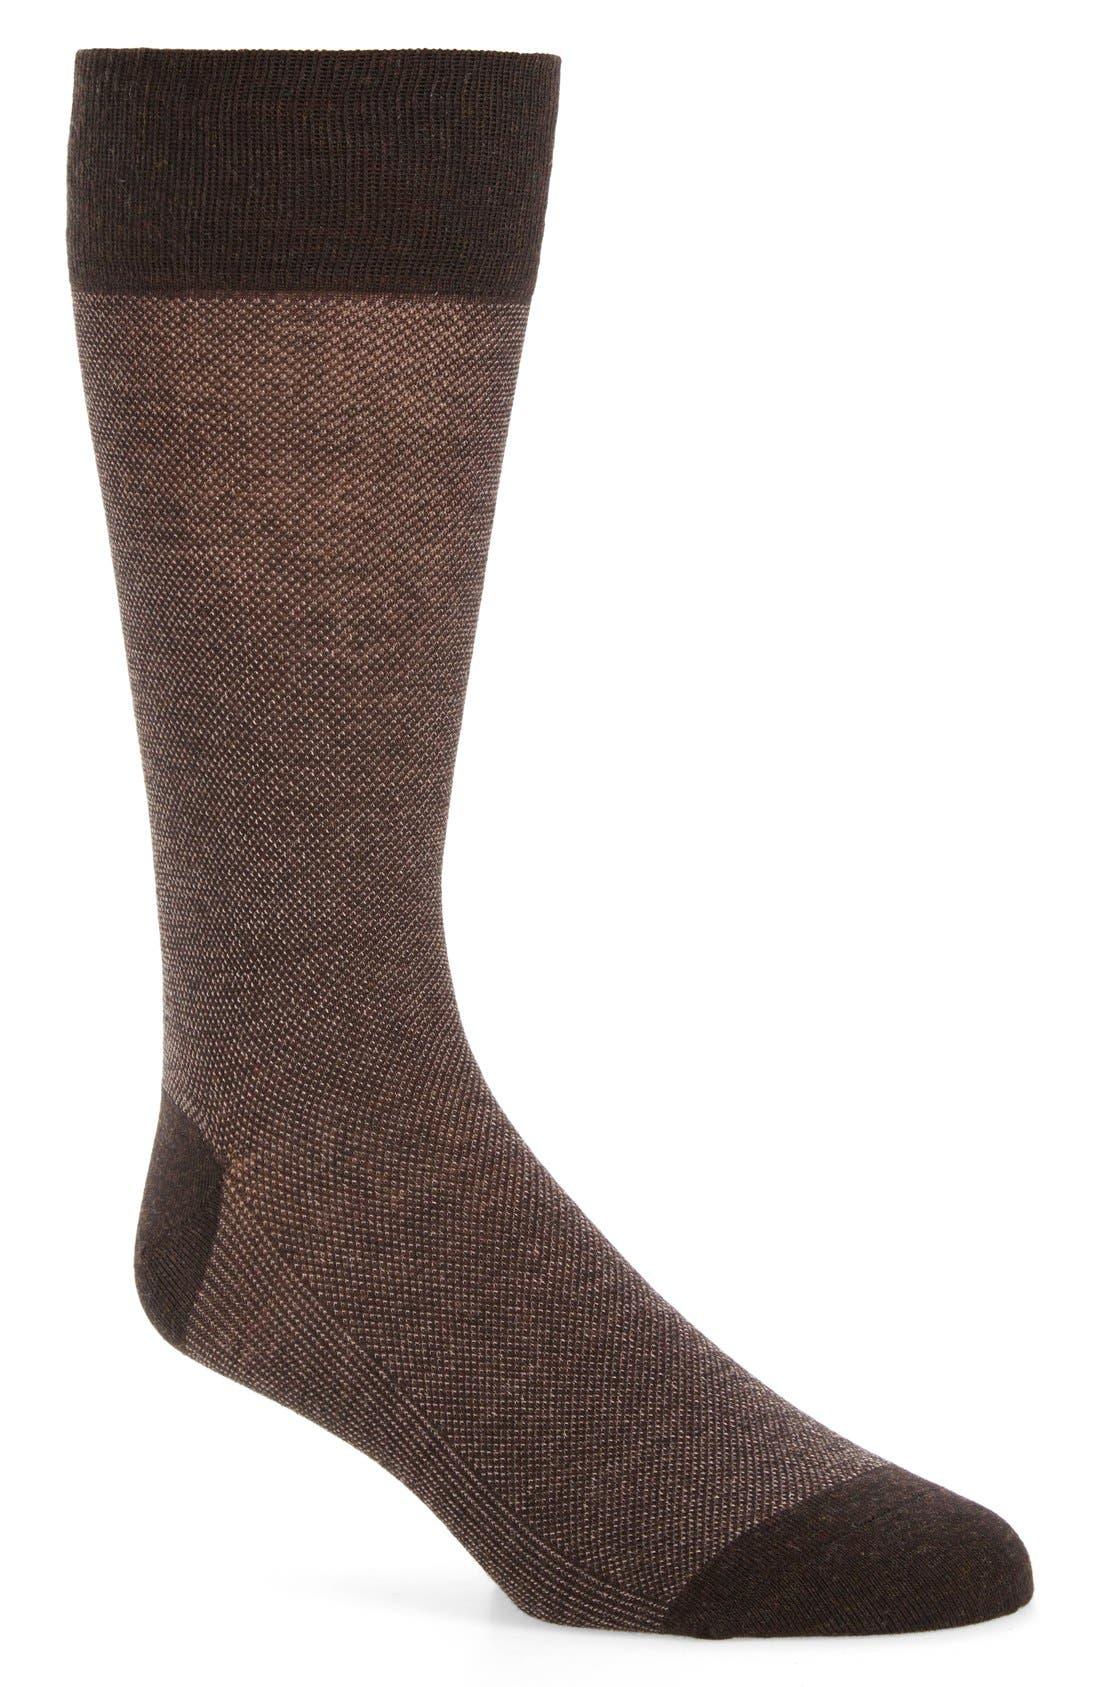 Cole Haan Piqué Texture Crew Socks (3 for $30)